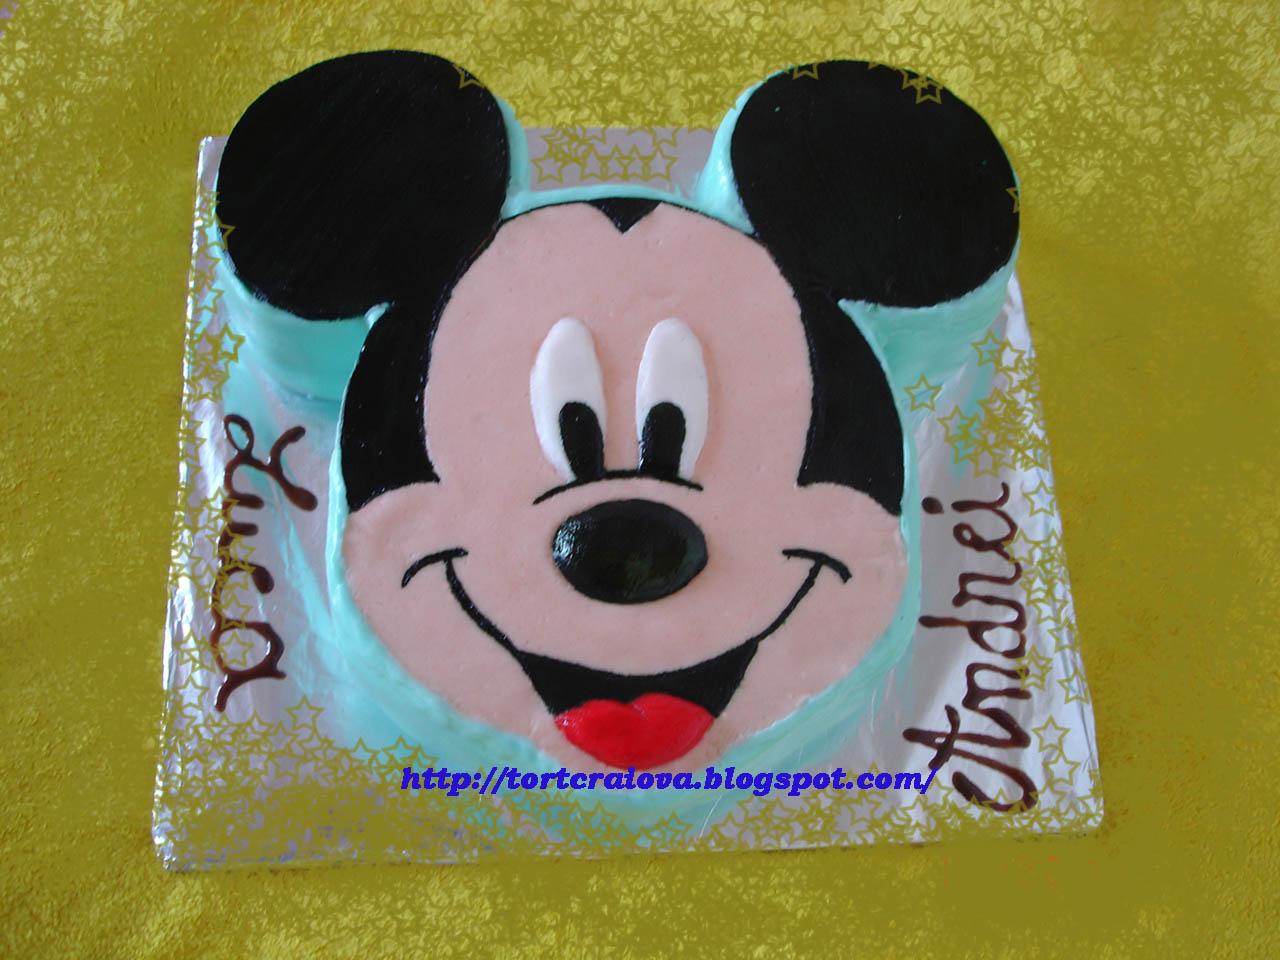 Brauche Mal Hilfe Fur Eine Micky Maus Torte Motivtorten Forum